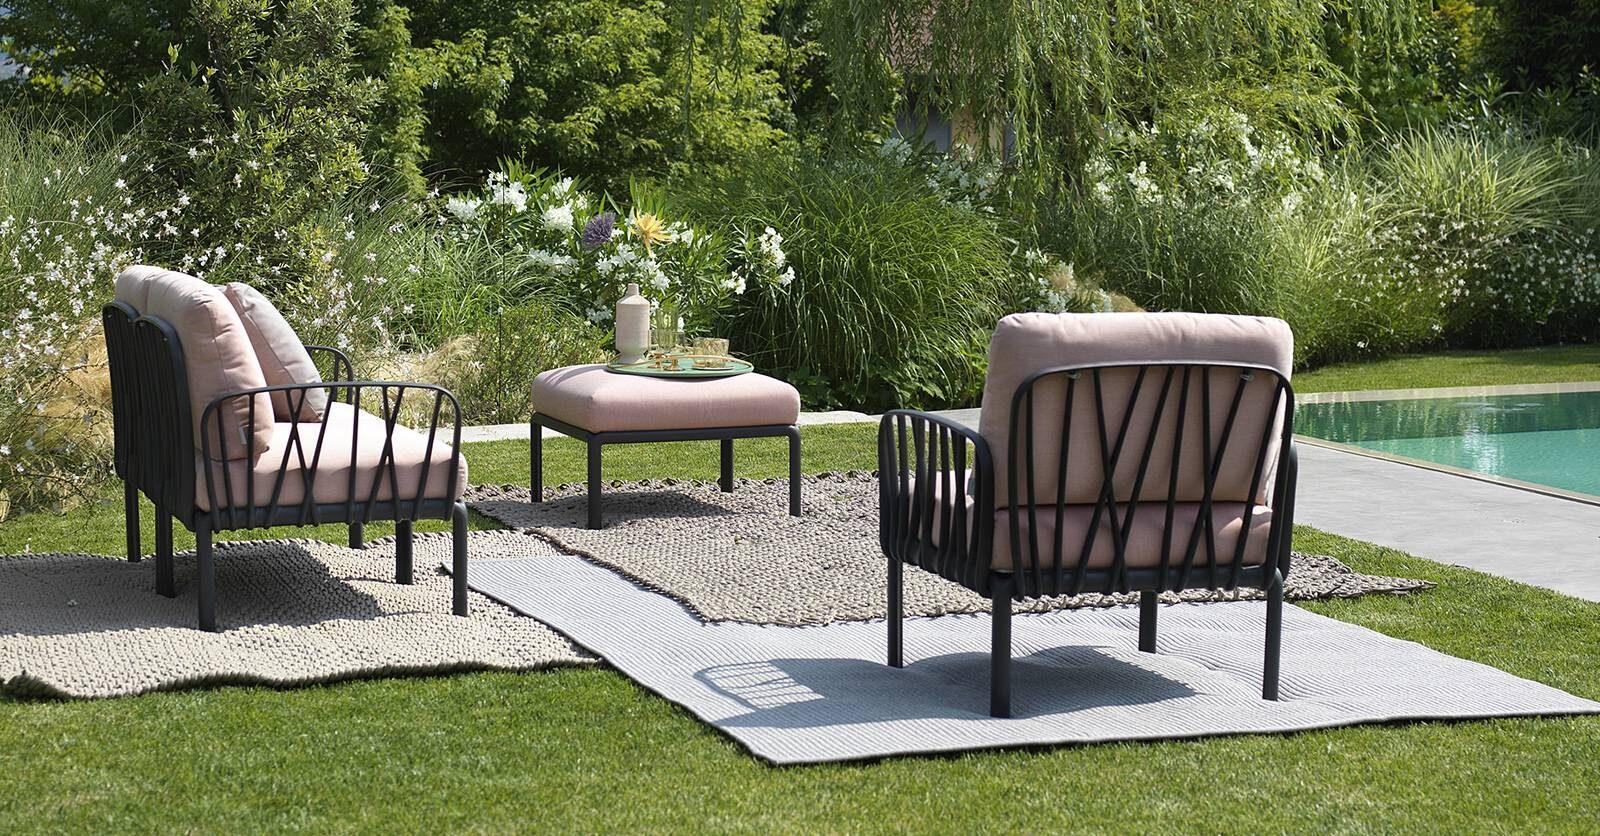 komodo armchair by nardi italy